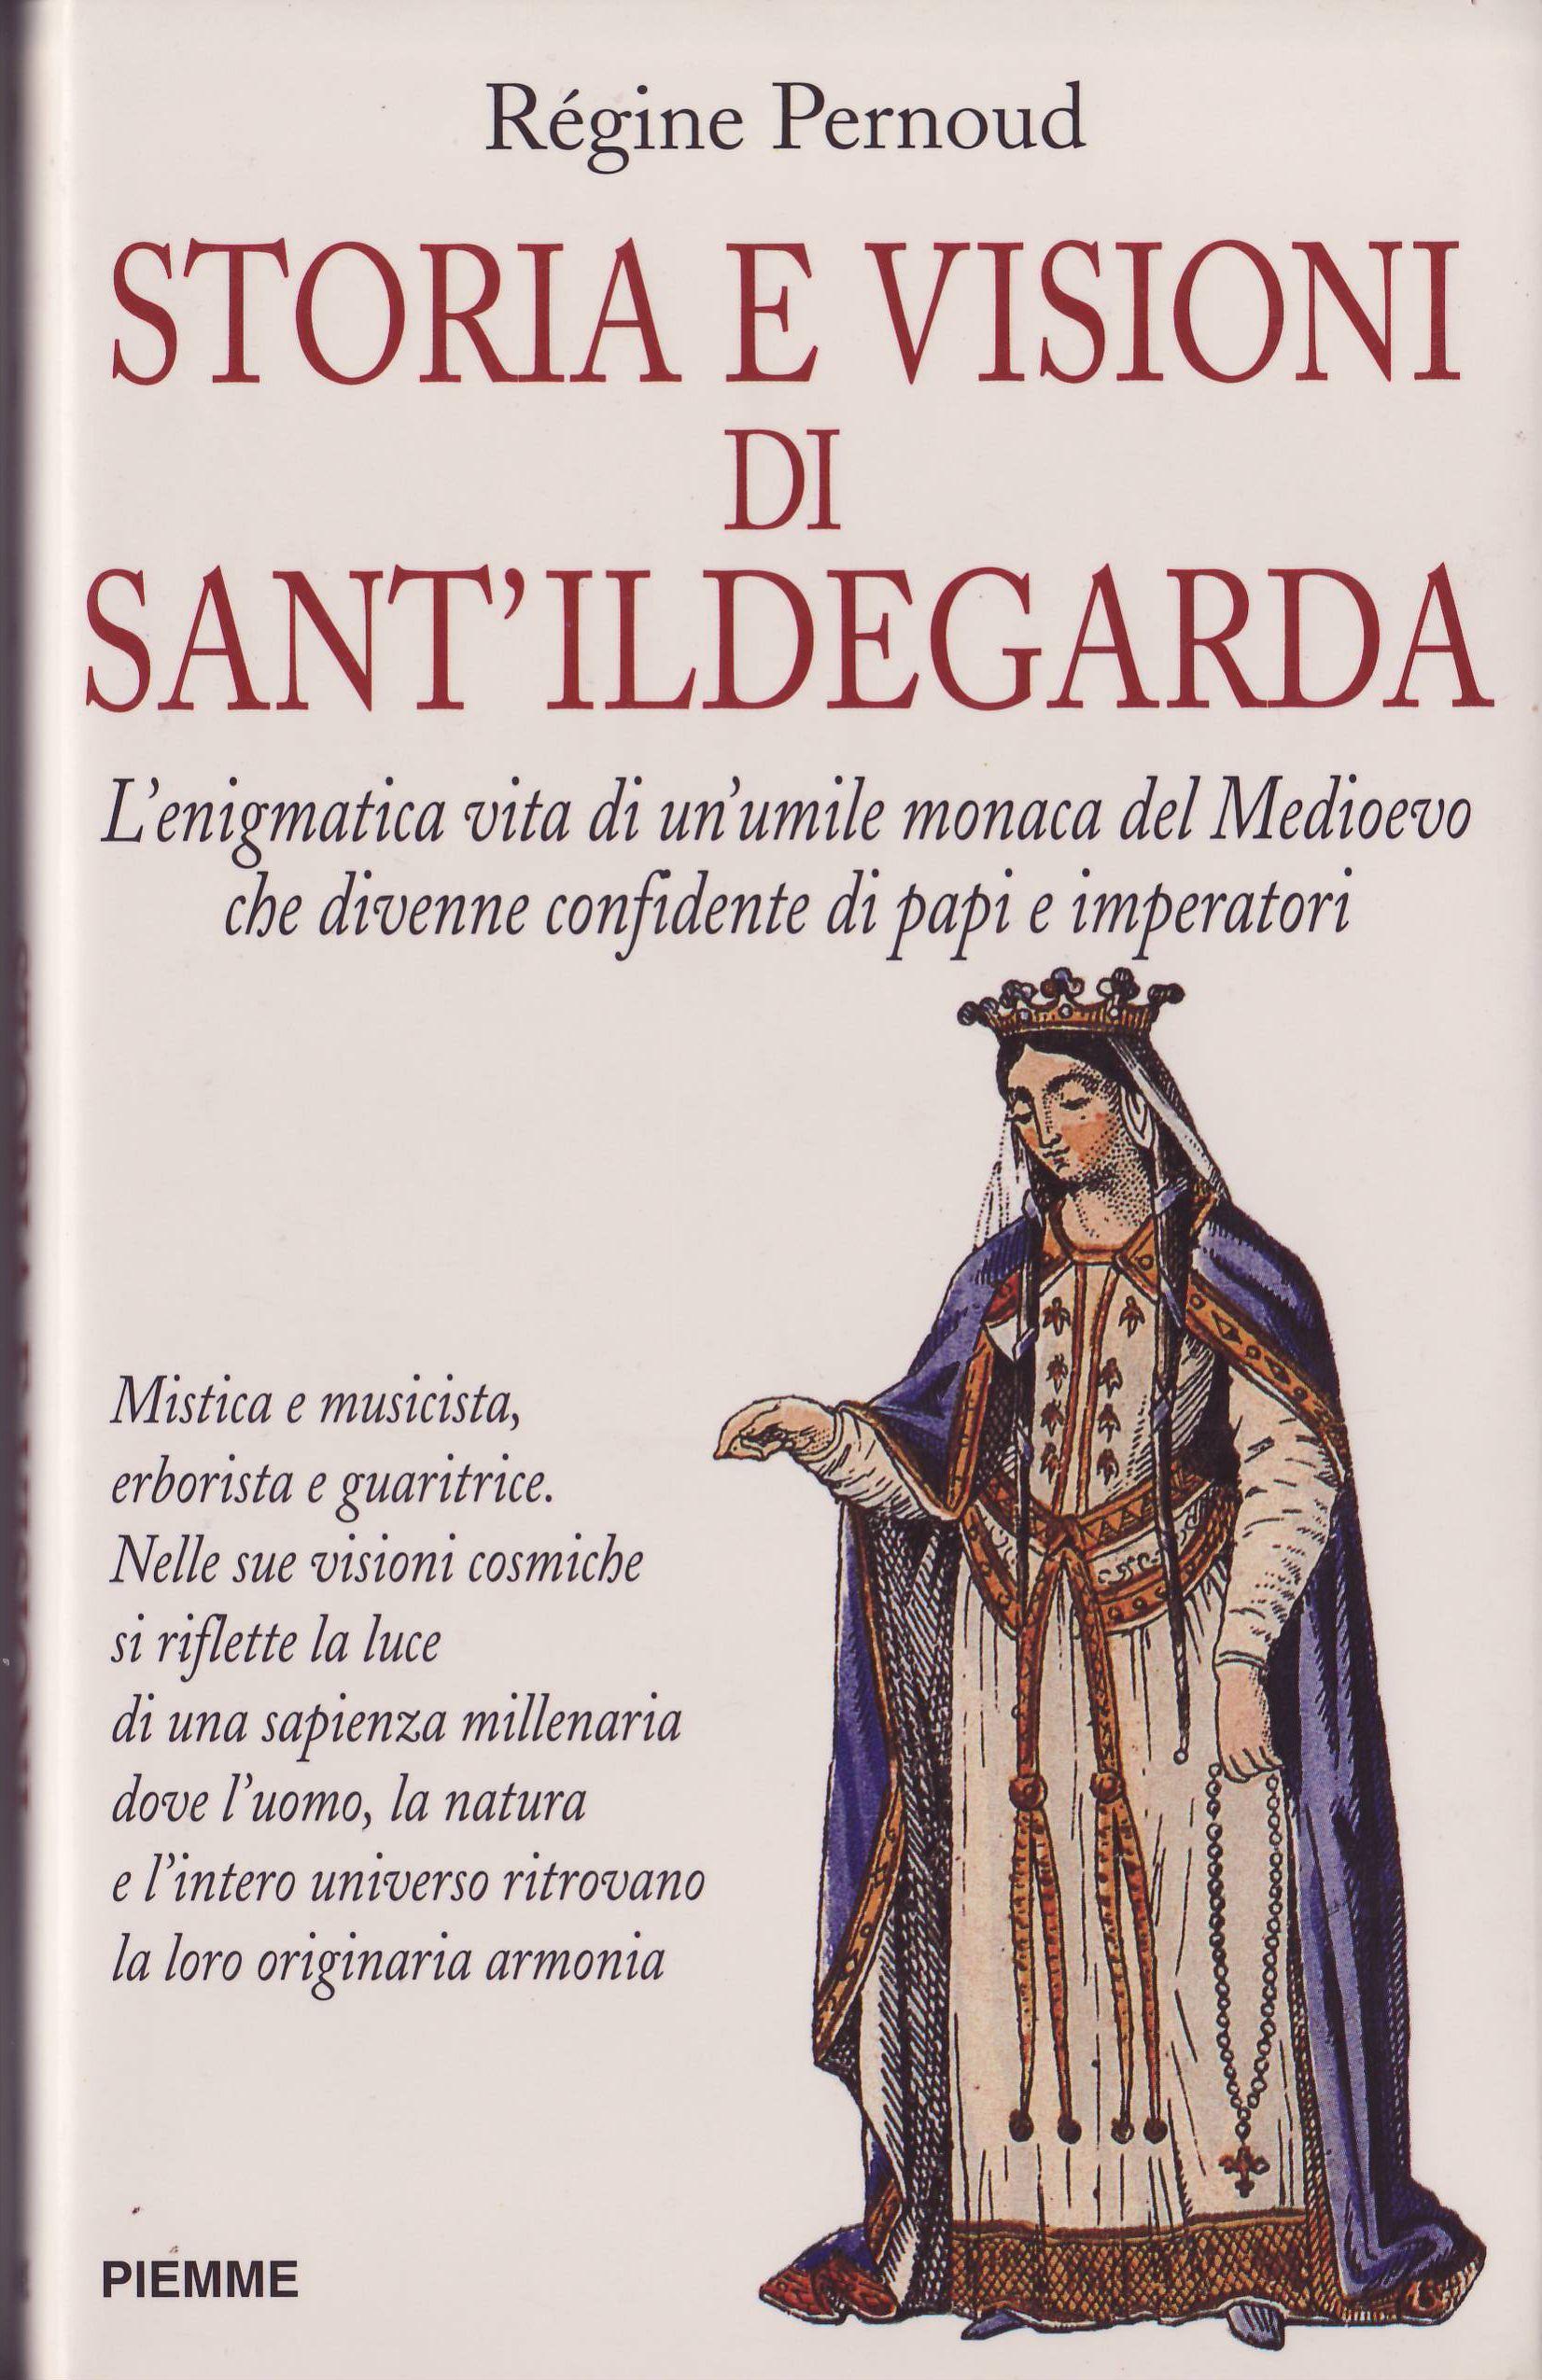 Storia e visioni di sant'Ildegarda